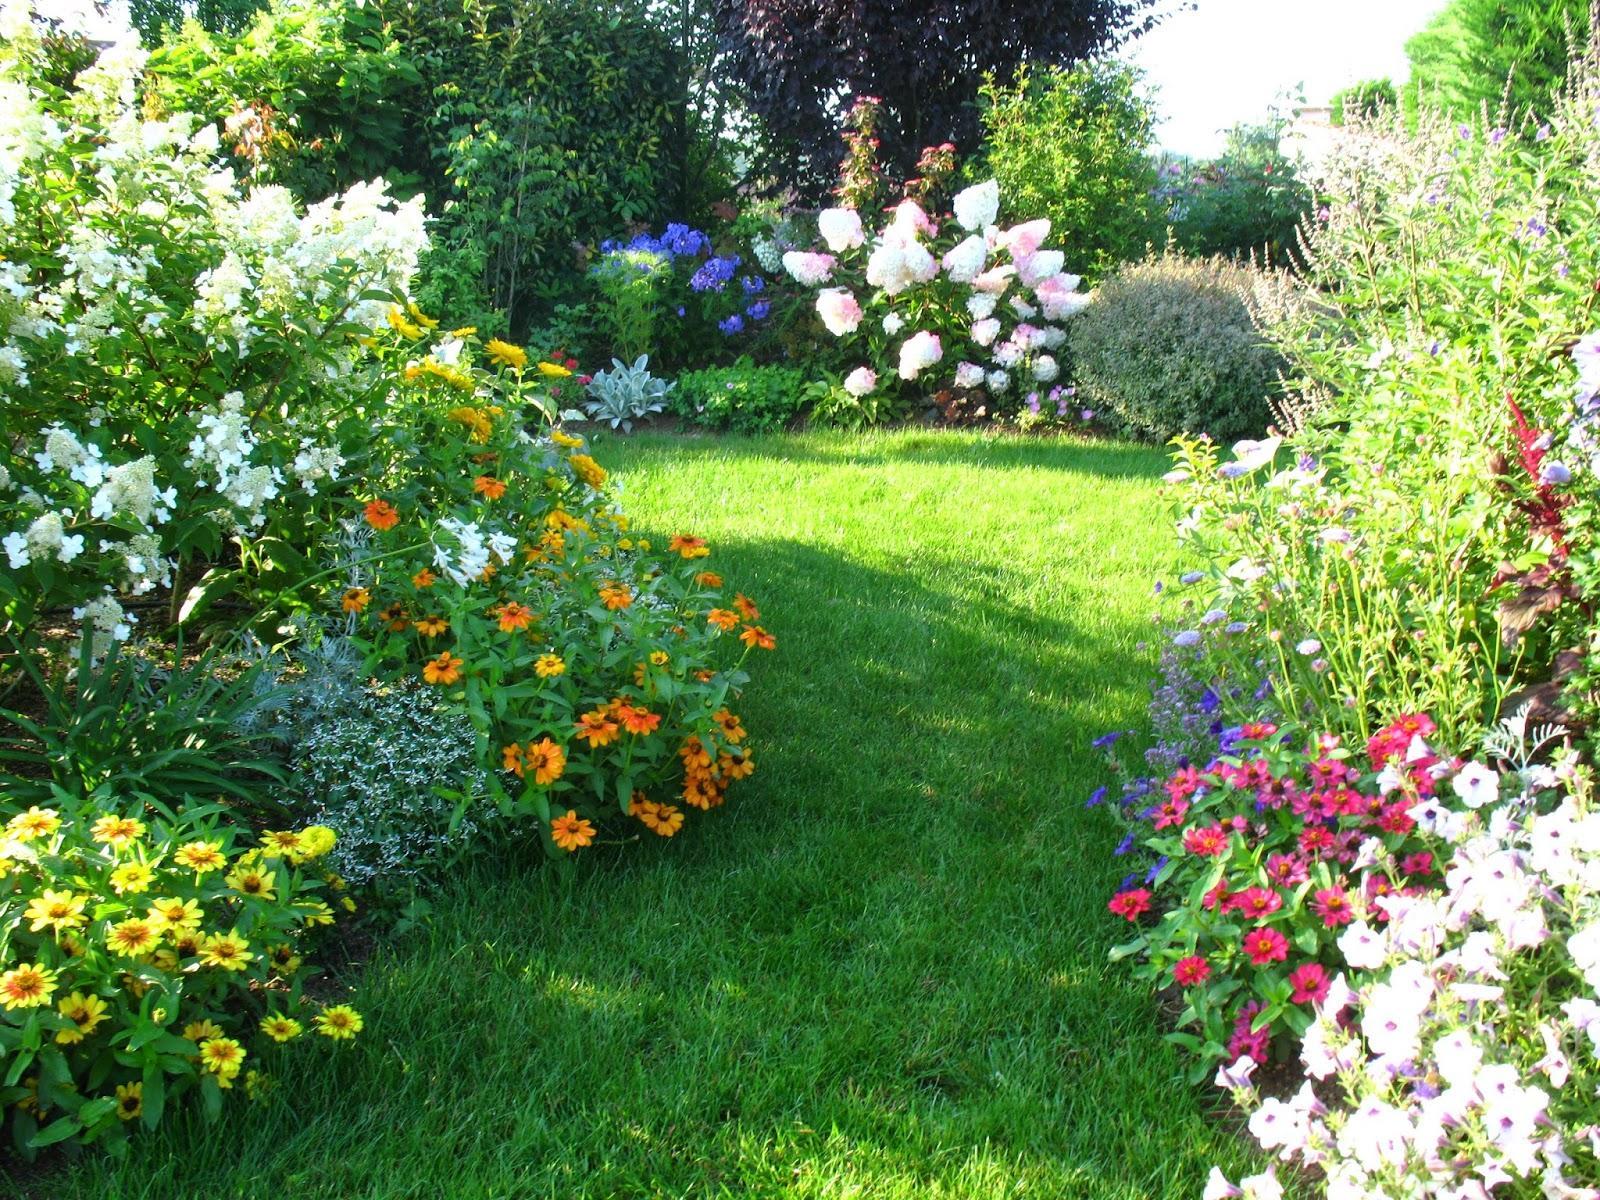 Záhrada,ktorá ťa nikdy neomrzí...divoká a krásna - Obrázok č. 107